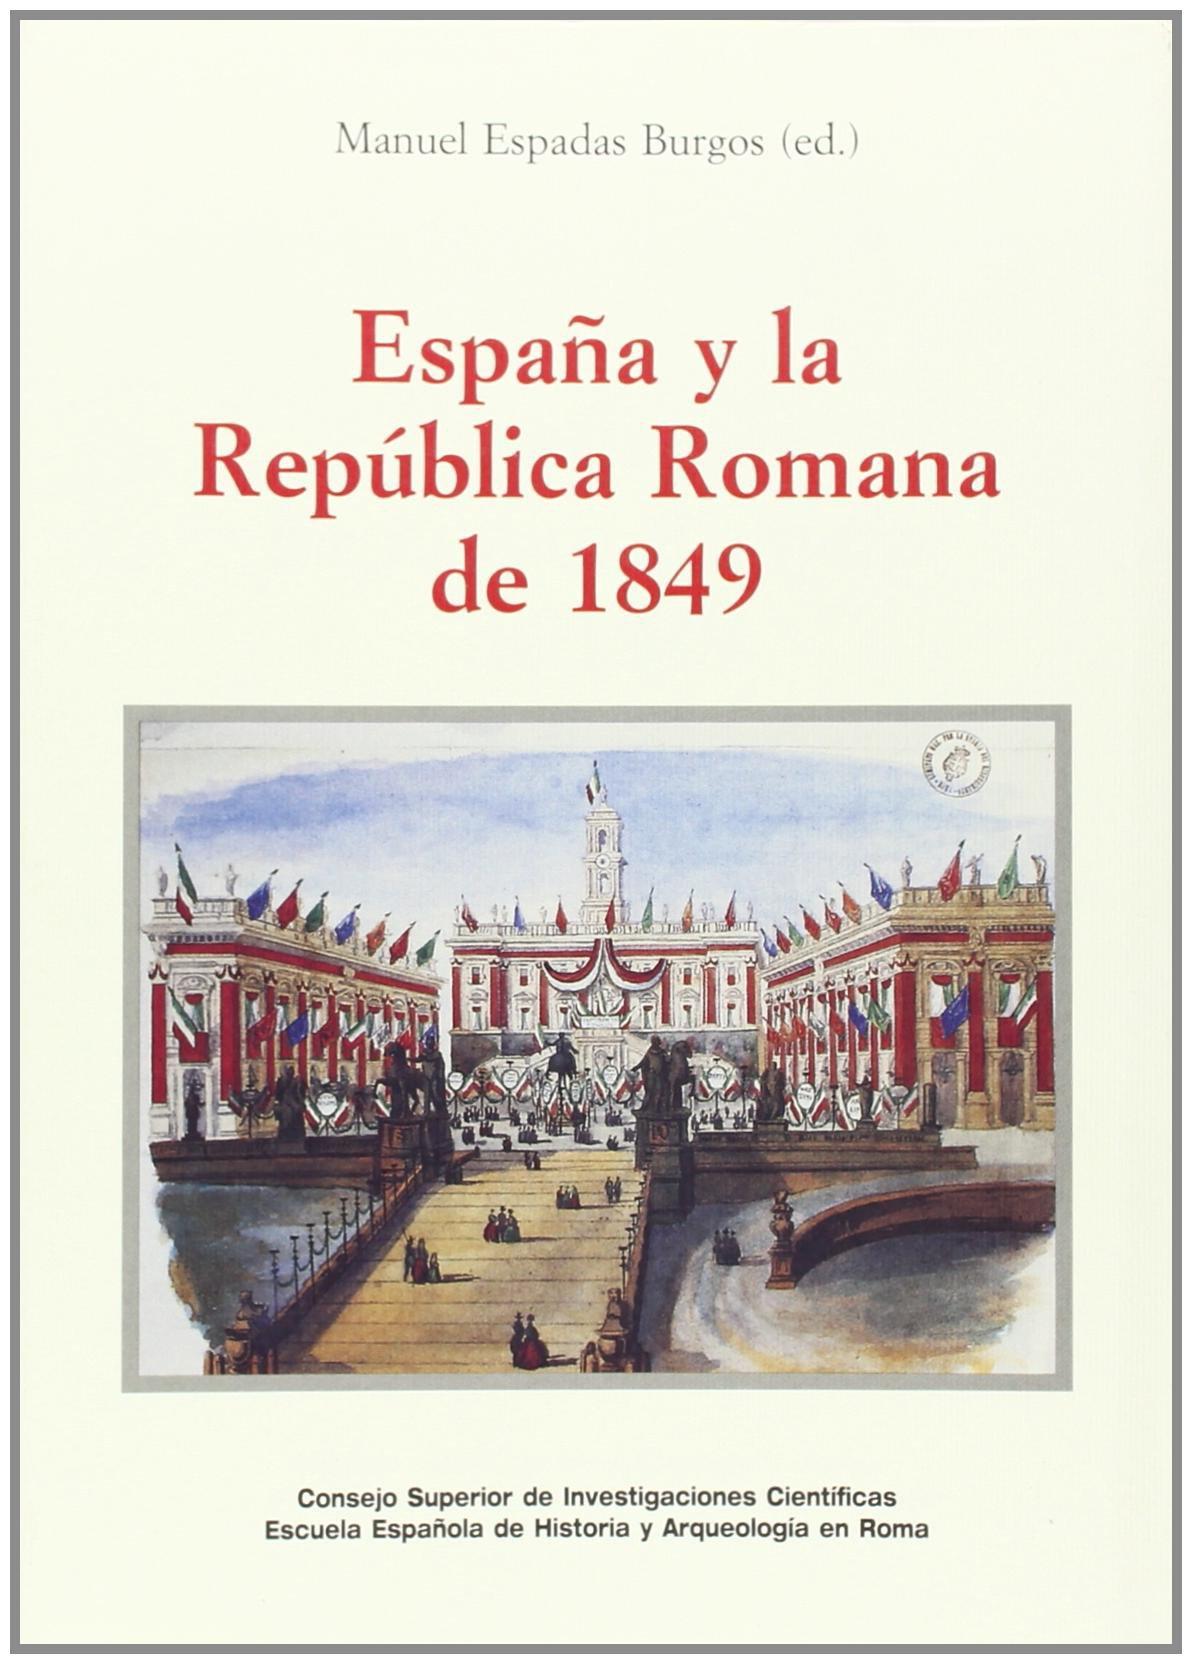 España y la República Romana de 1849 Serie Histórica: Amazon.es: Espadas Burgos, Manuel: Libros